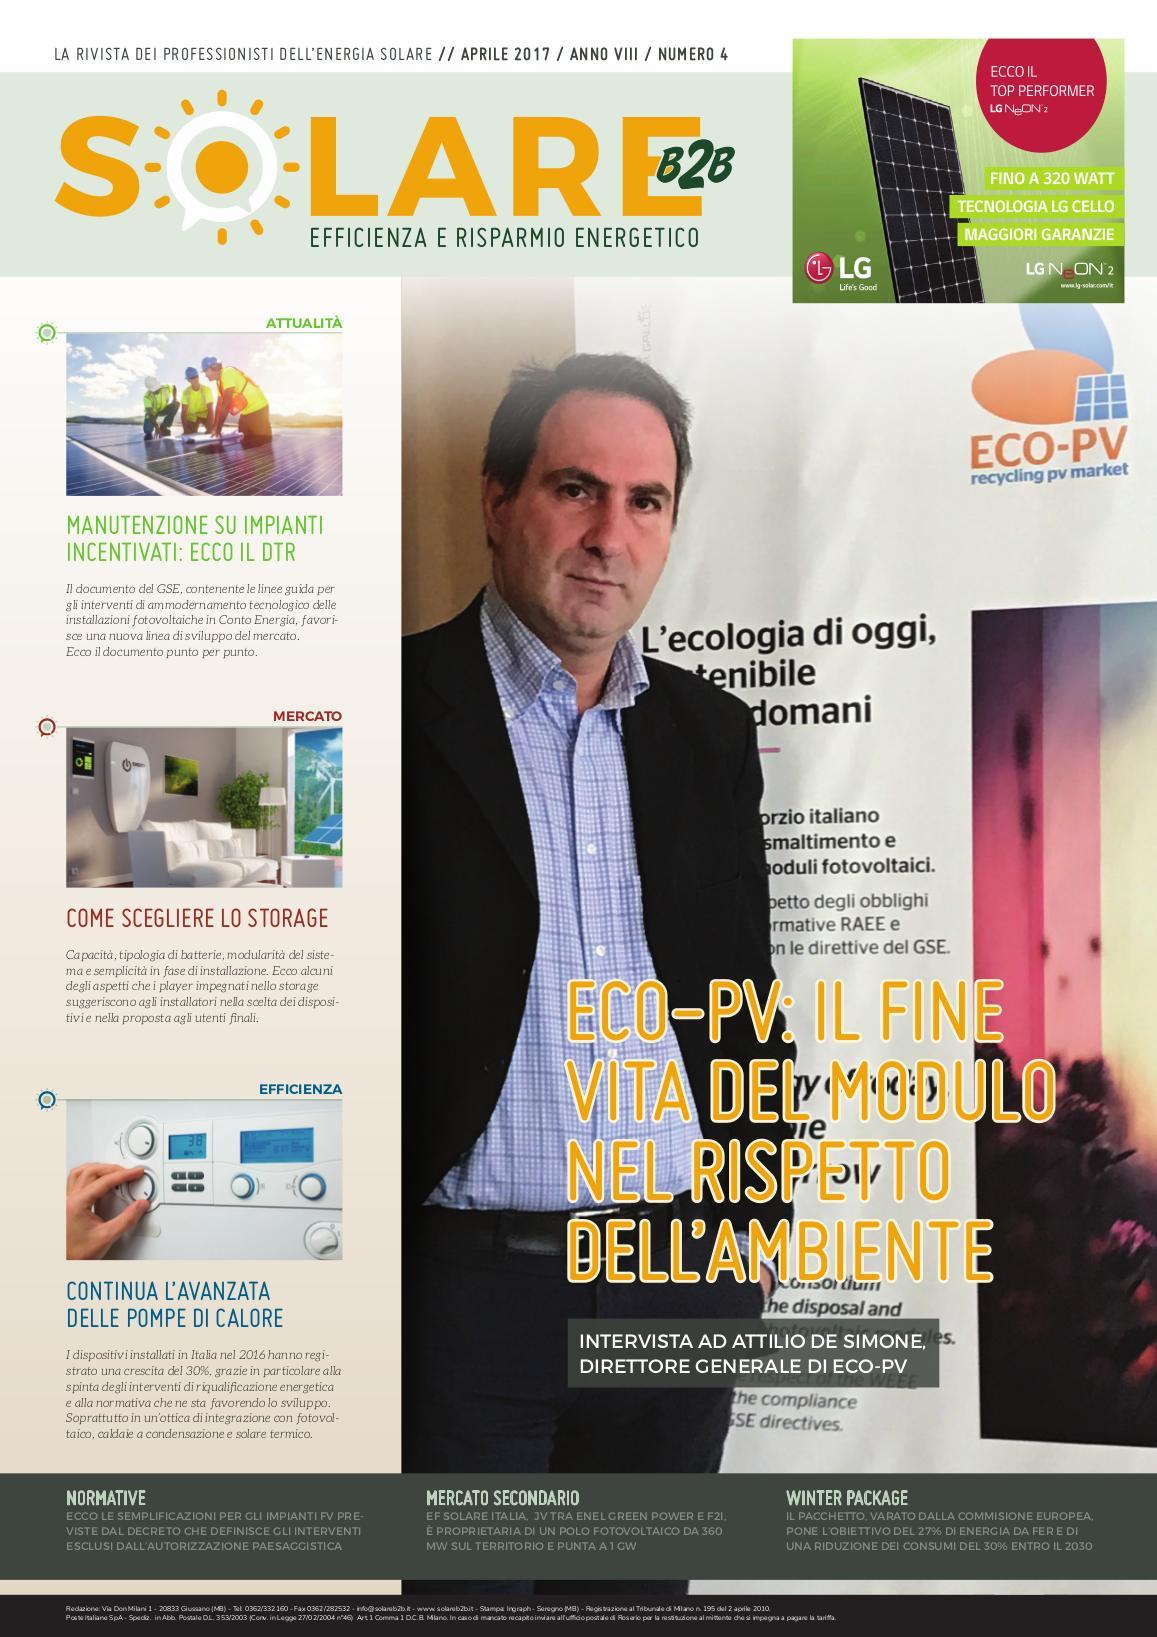 Il fine vita del modulo nel rispetto dell'ambiente. Intervista ad Attilio De Simone, direttore generale di Eco-PV